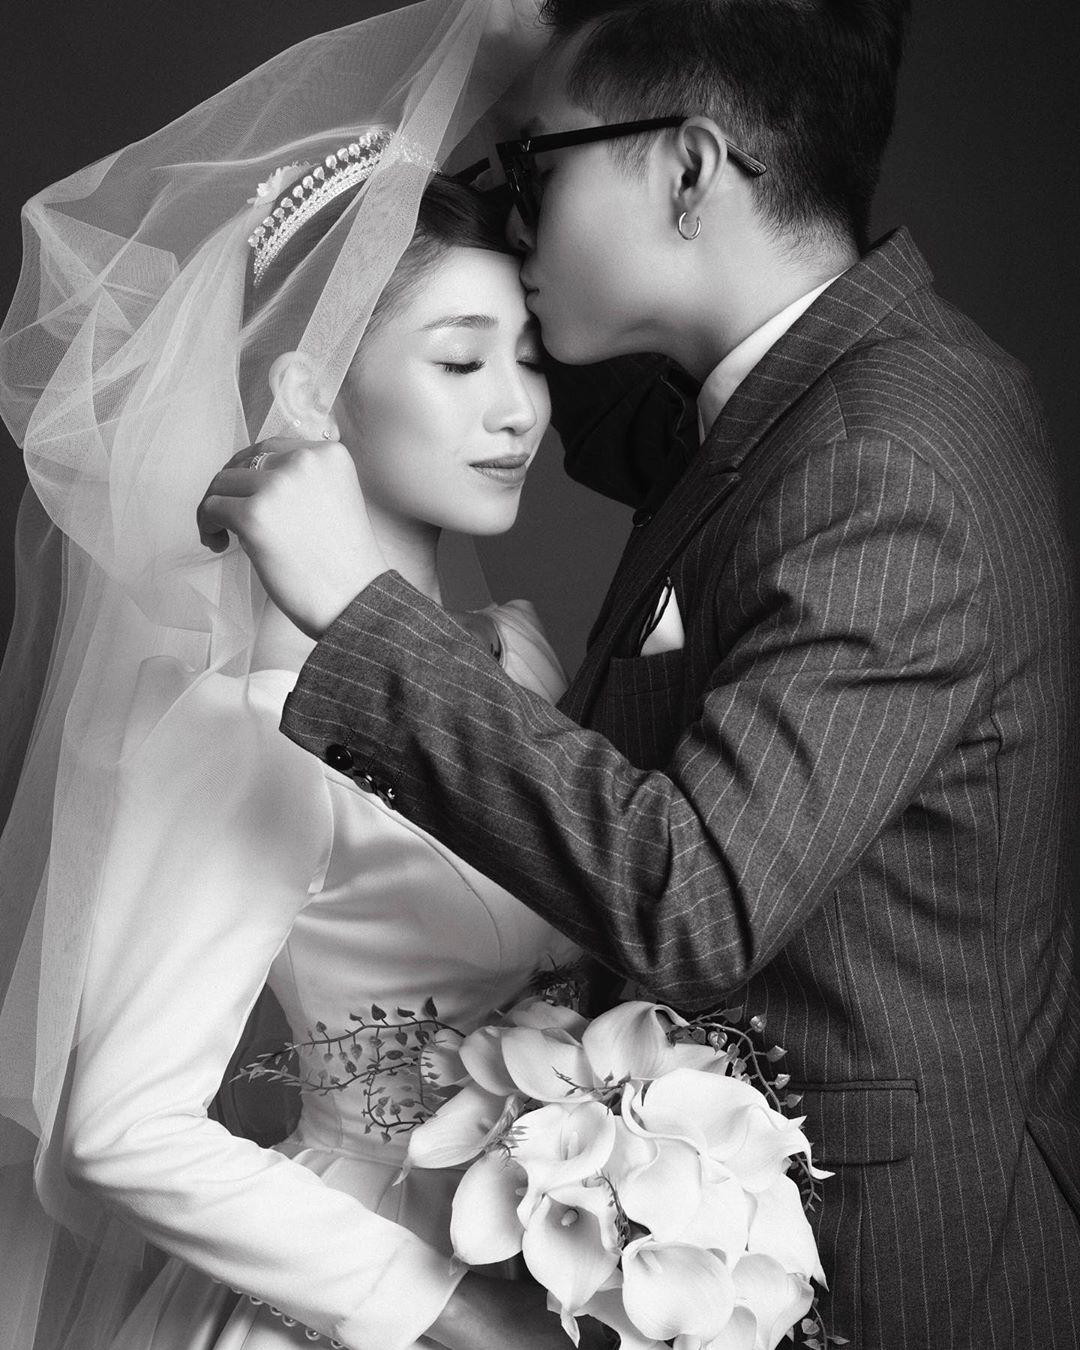 Con gái Minh Nhựa đăng loạt ảnh cưới chưa tiết lộ nhân ngày kỷ niệm 1 năm, nhìn loạt váy mà thấy trầm trồ ngưỡng mộ - Ảnh 9.